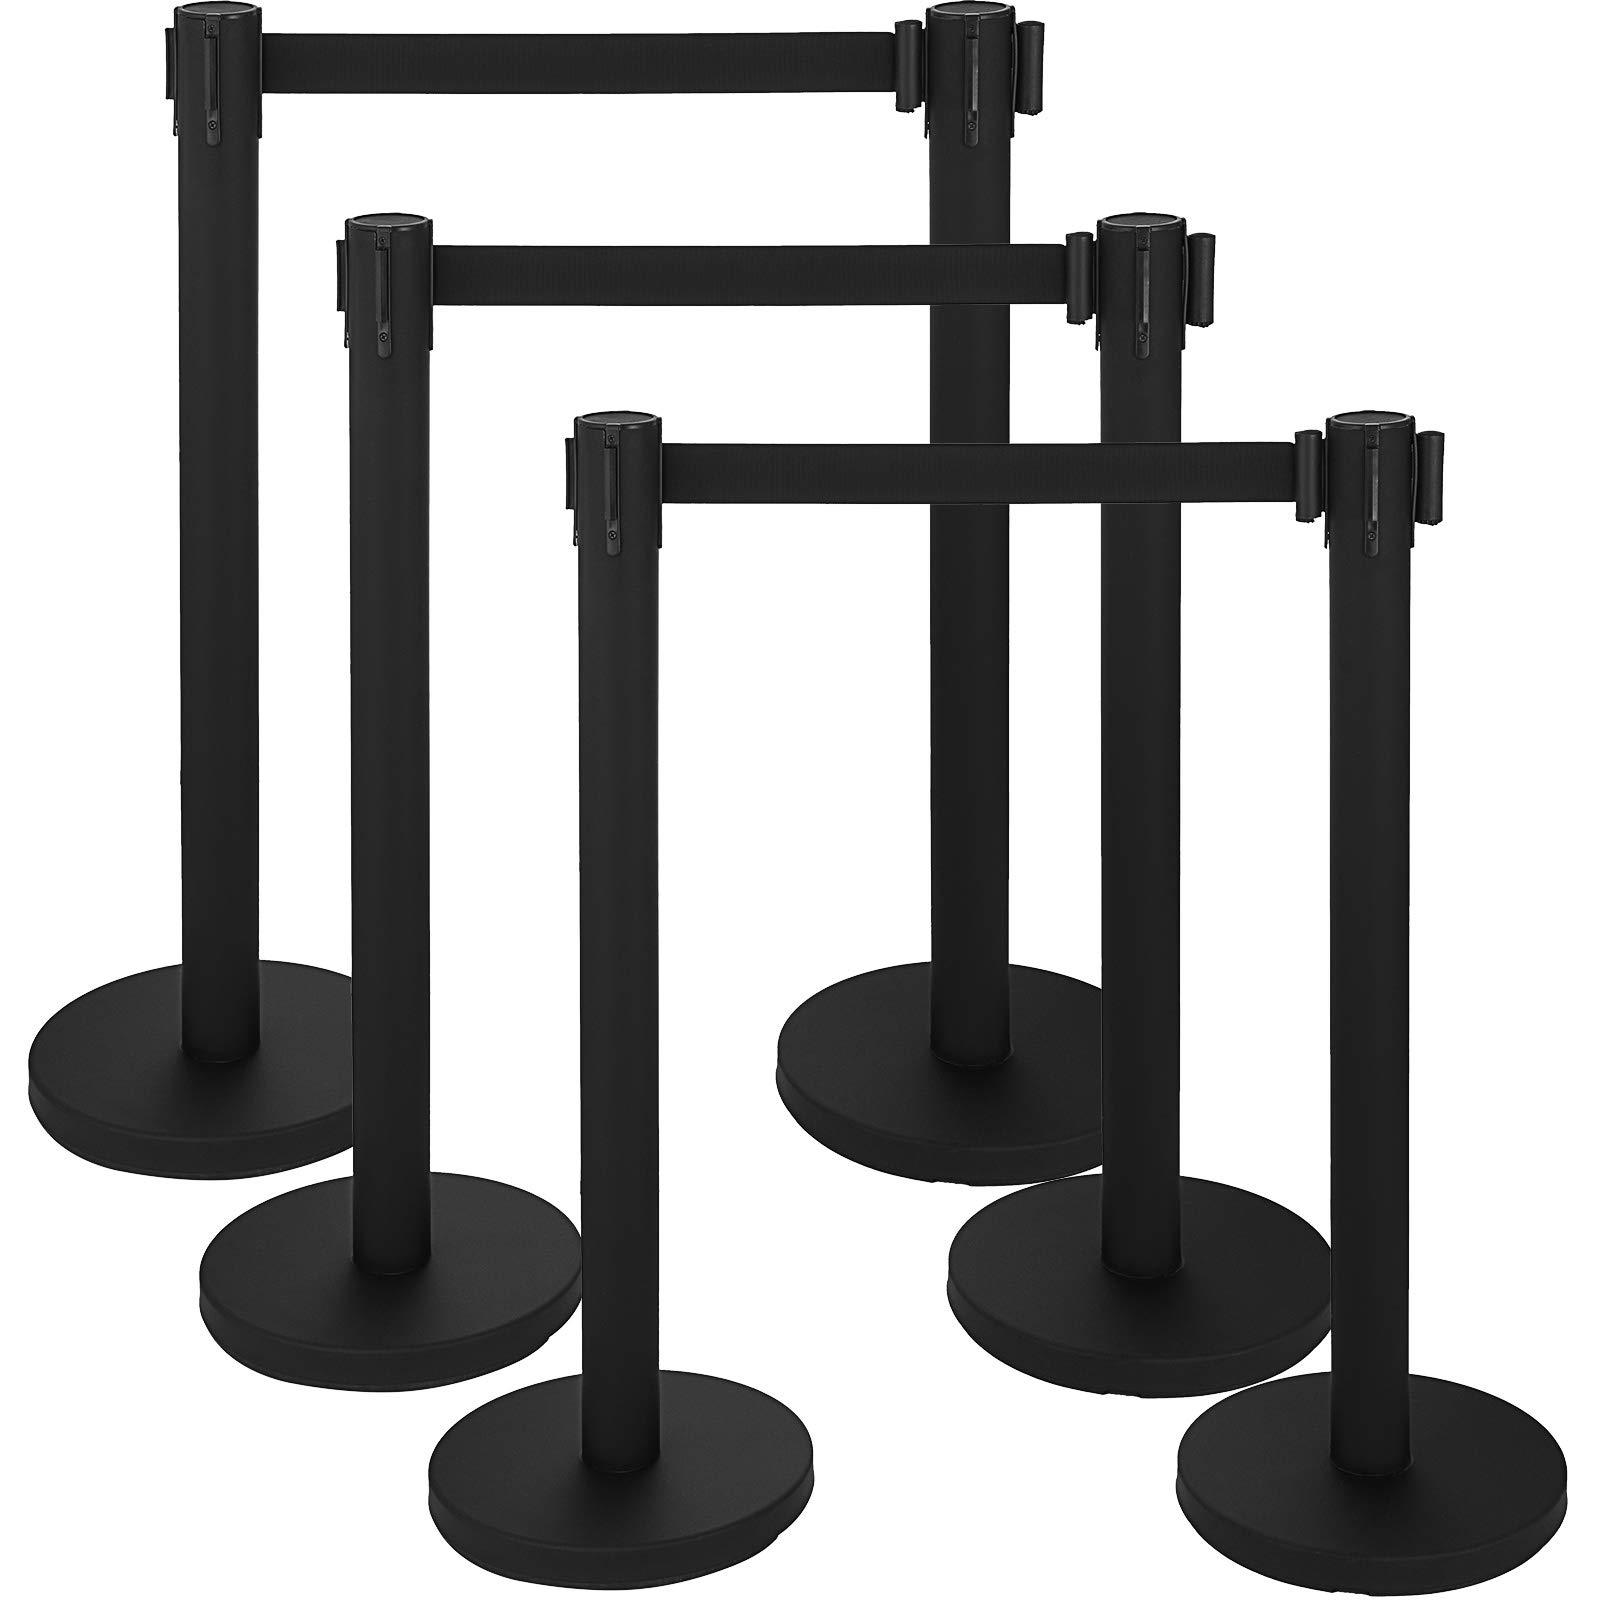 Mophorn 6 PCS Velvet Rope Stanchion Queue Post Black Stanchion Posts Queue Pole Retractable 36In Height Crowd Control Queue Line Barriers(Baking Paint)